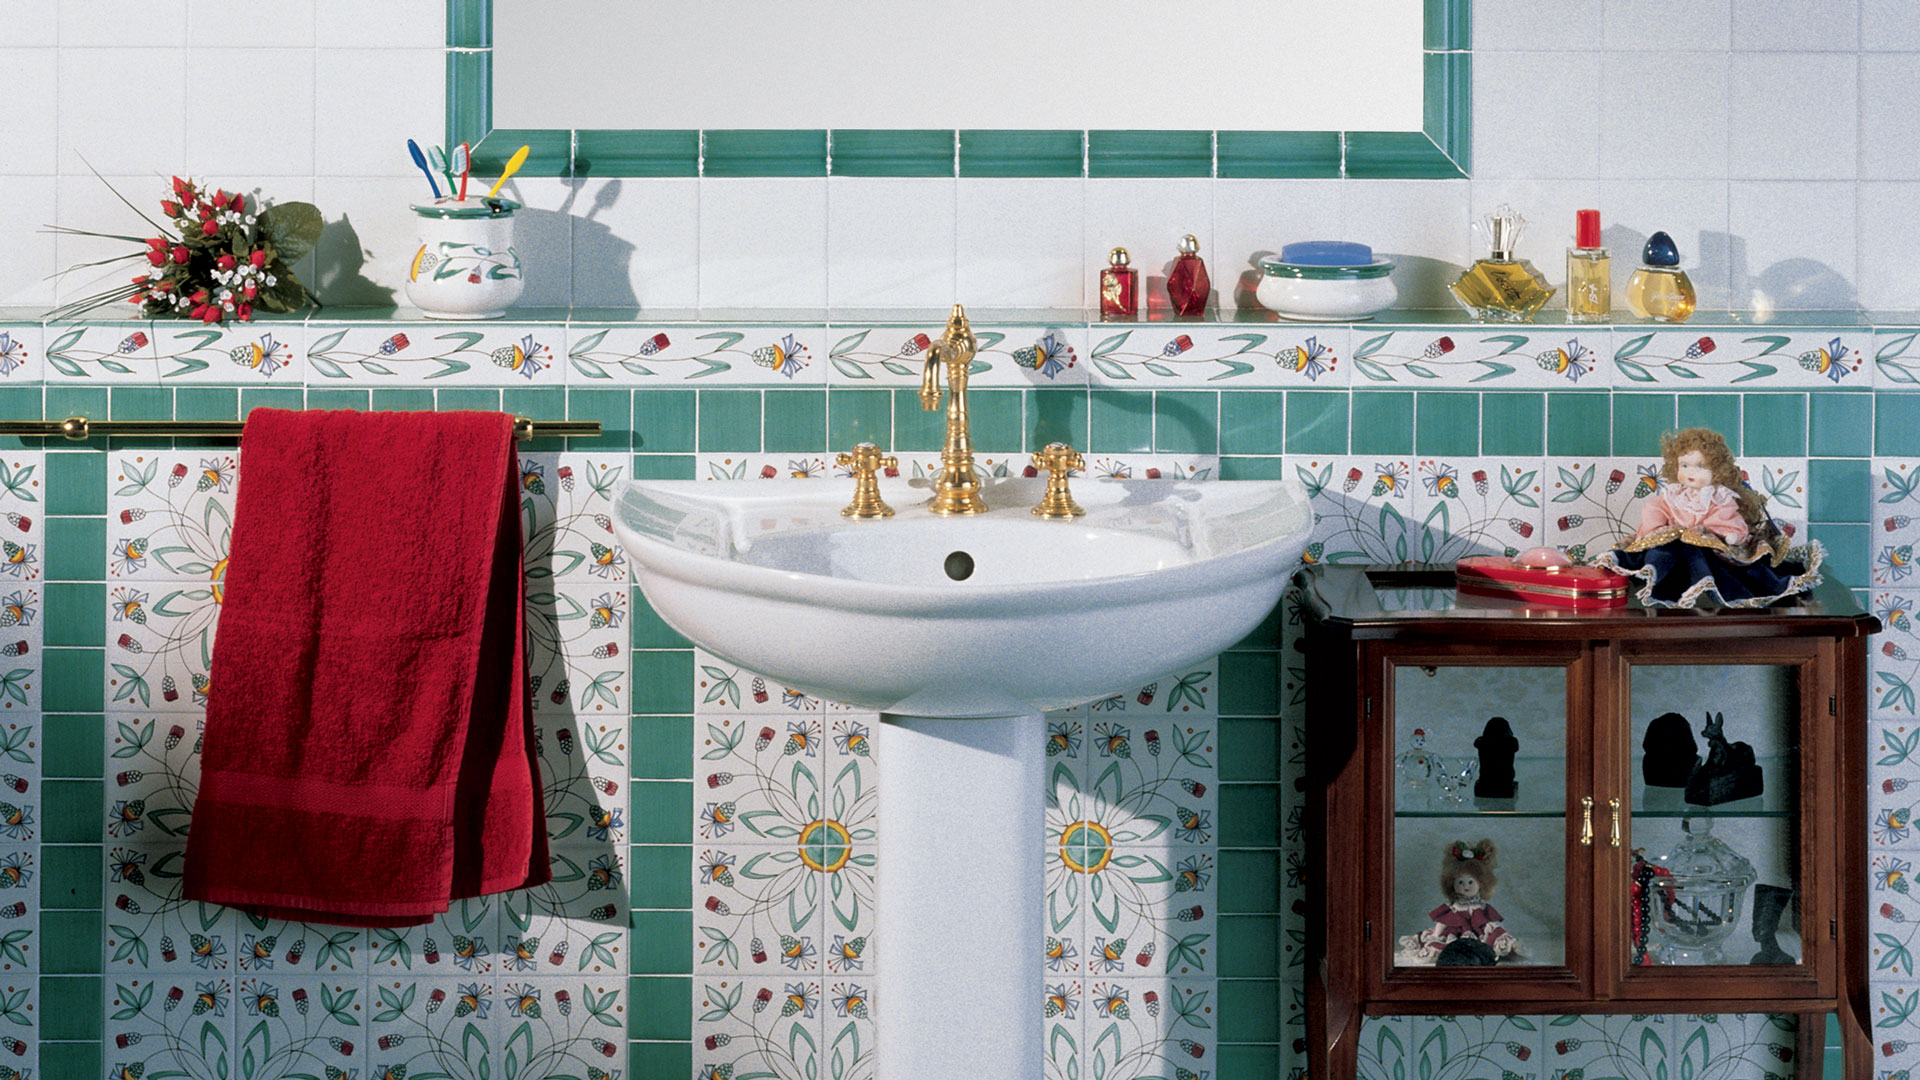 Piastrelle Arancioni Per Bagno valorizzare il bagno con le piastrelle: ecco 15 idee a cui